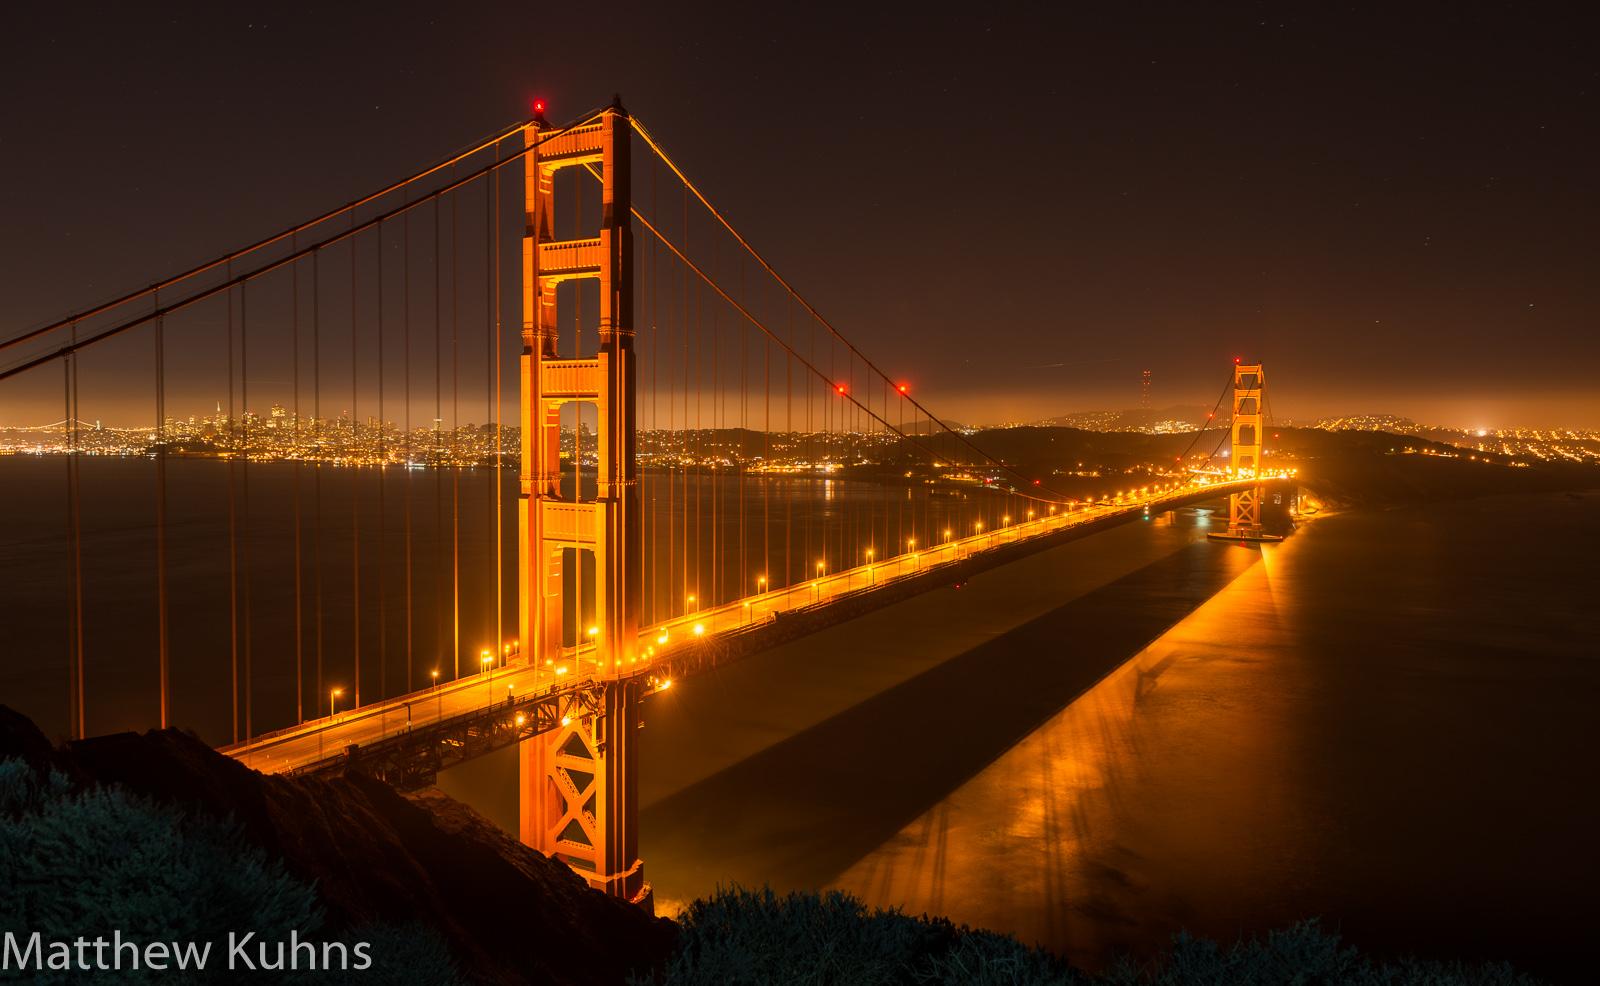 Image Details: 24mm f/5.6 30 seconds Nikon D800